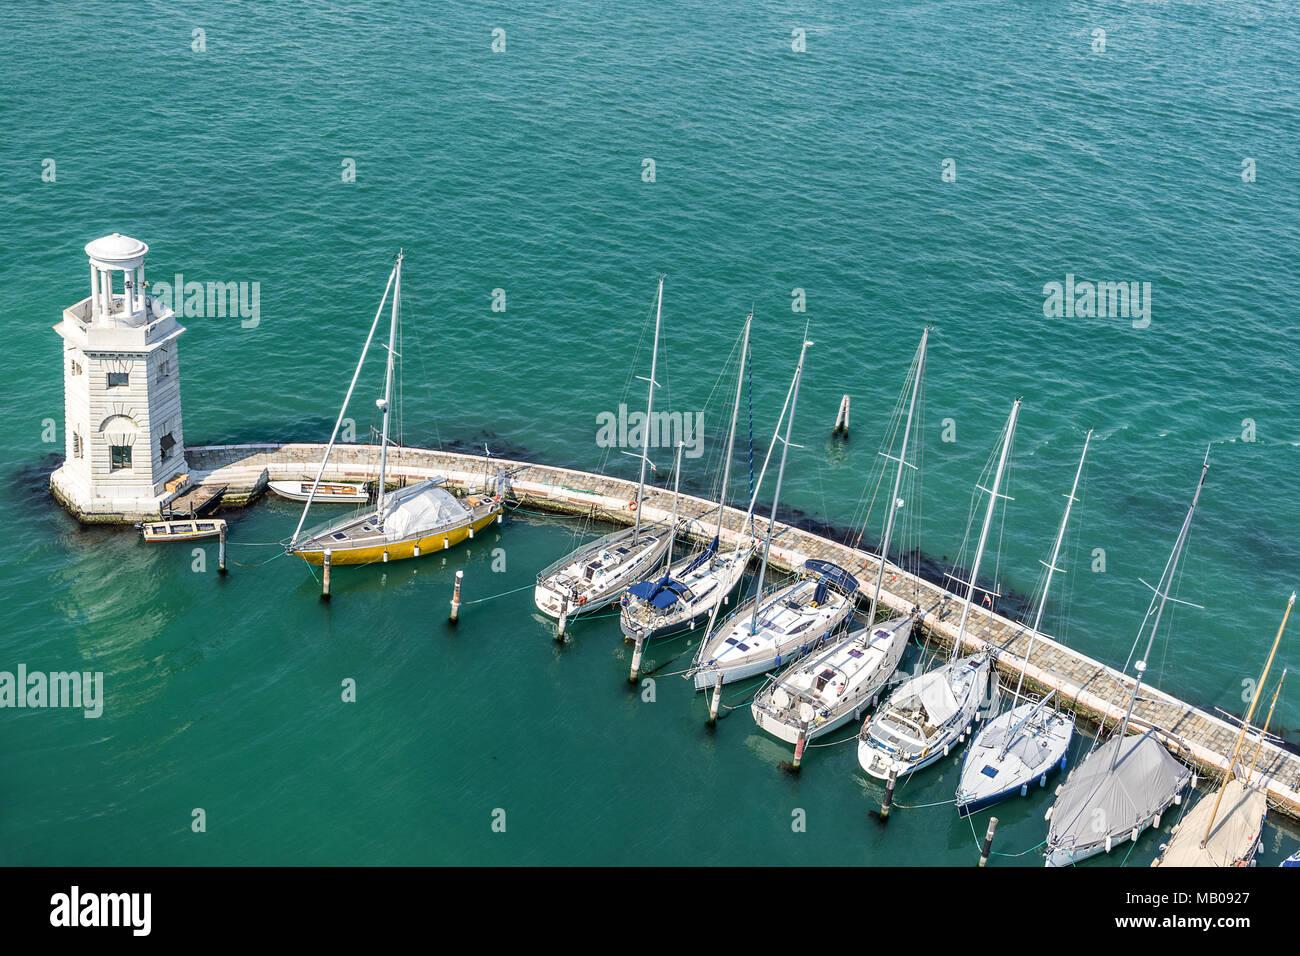 The marina on Isola S Giorgio Maggiore in Venice - Stock Image